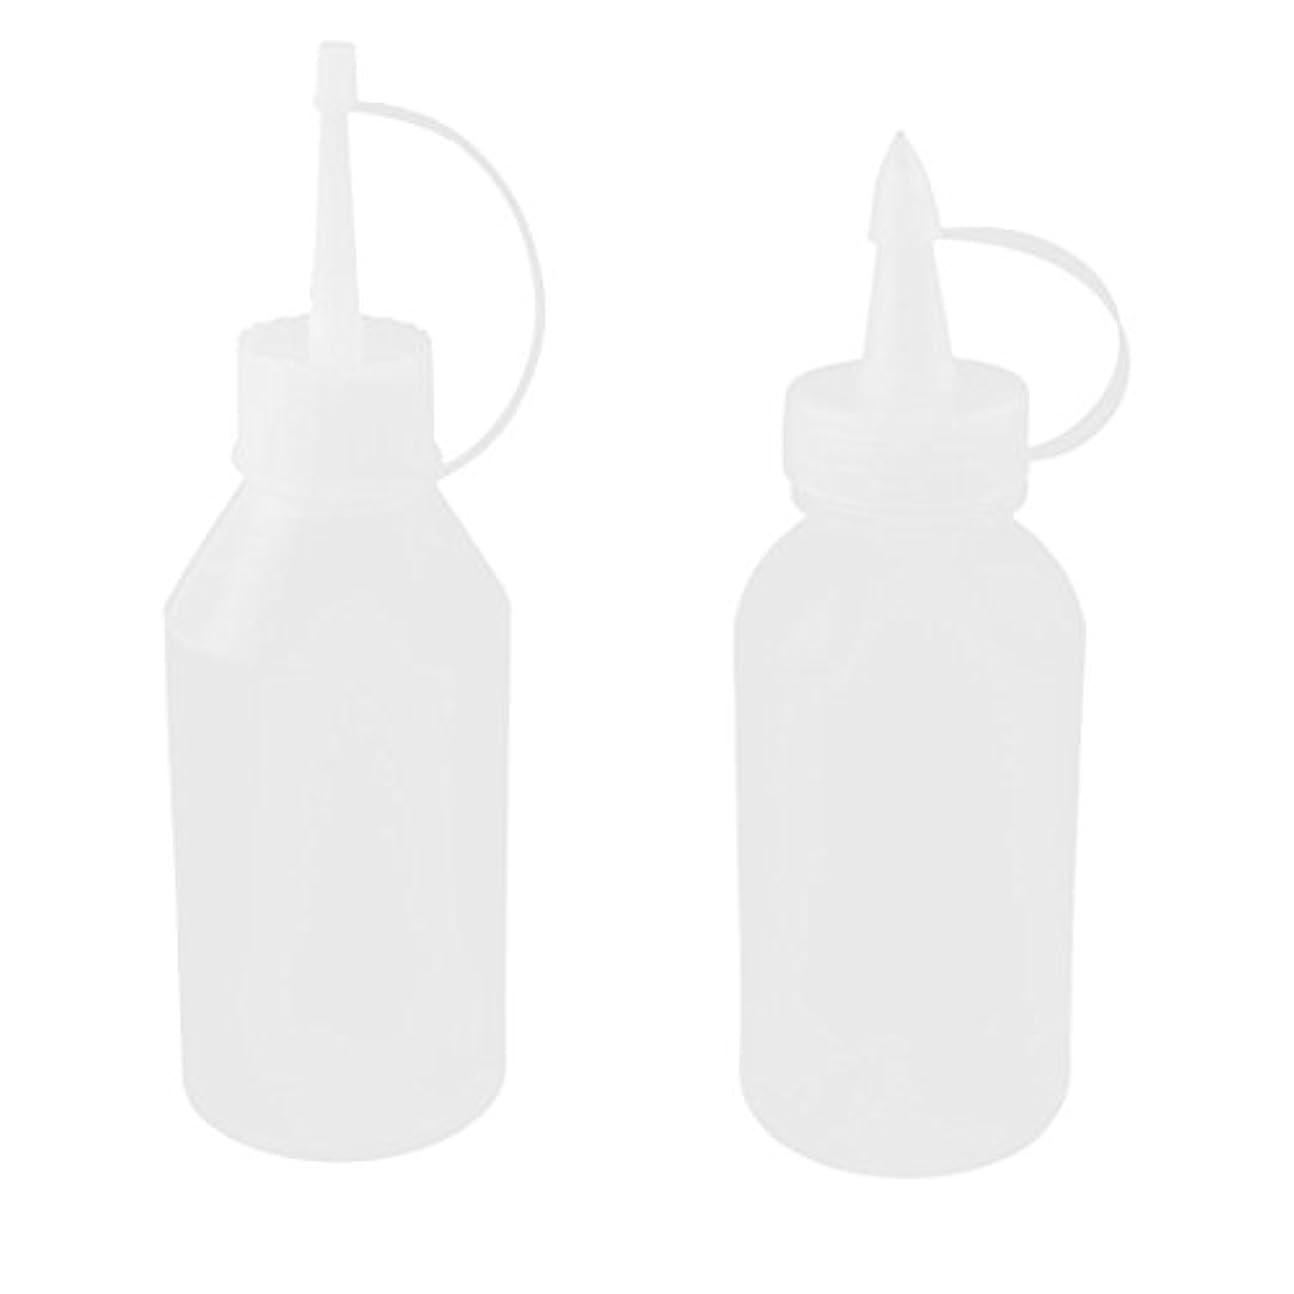 メダル所有者香ばしいuxcell オイルボトル 油差し プラスチック 100ml ホワイト クリア 2個